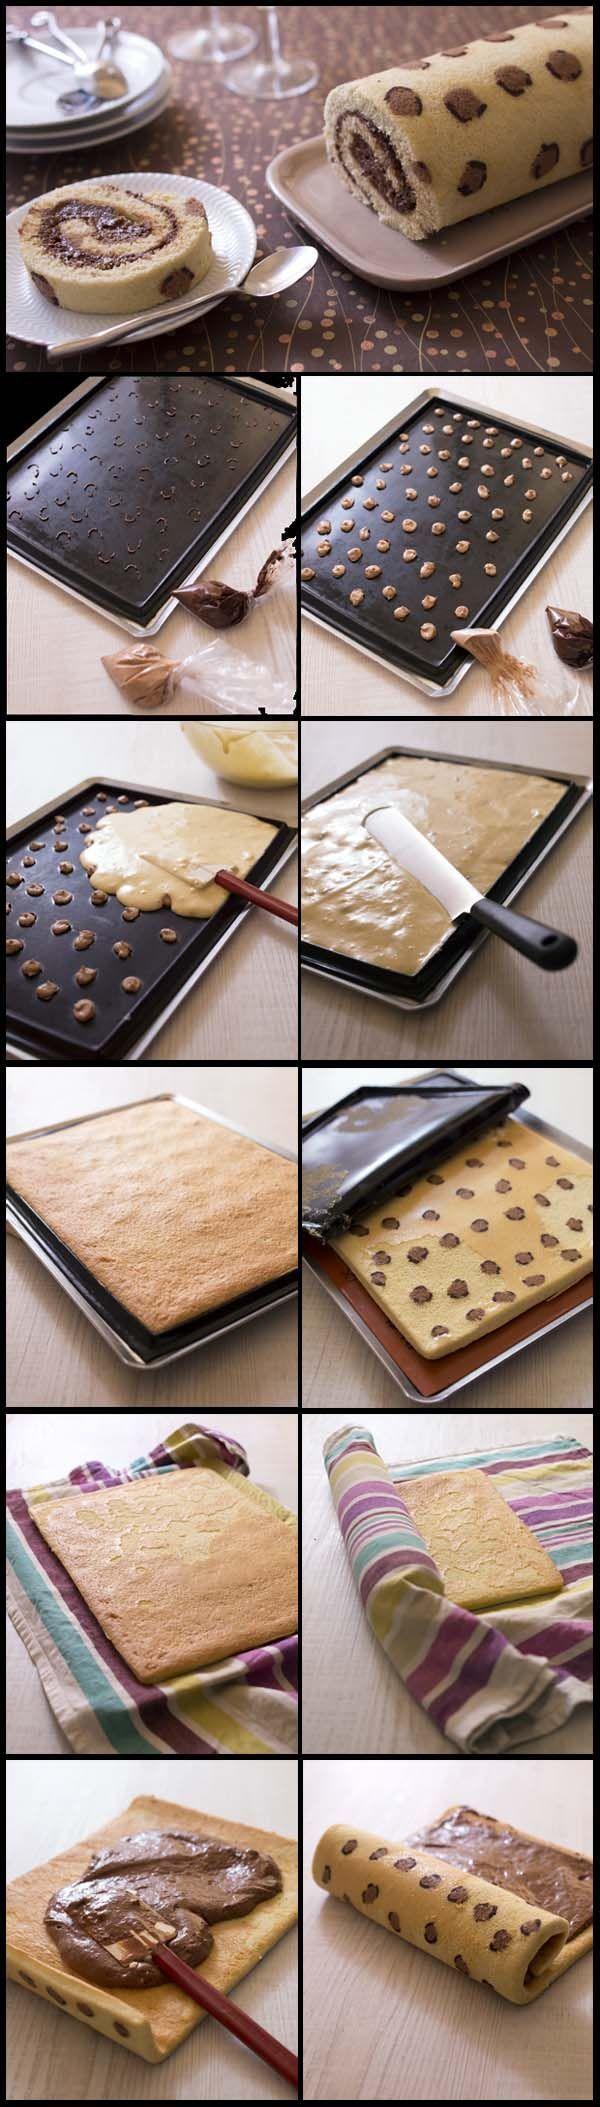 http://www.odelices.com/recette/gateau-roule-leopard-a-la-mousse-au-chocolat-praline-r4142/